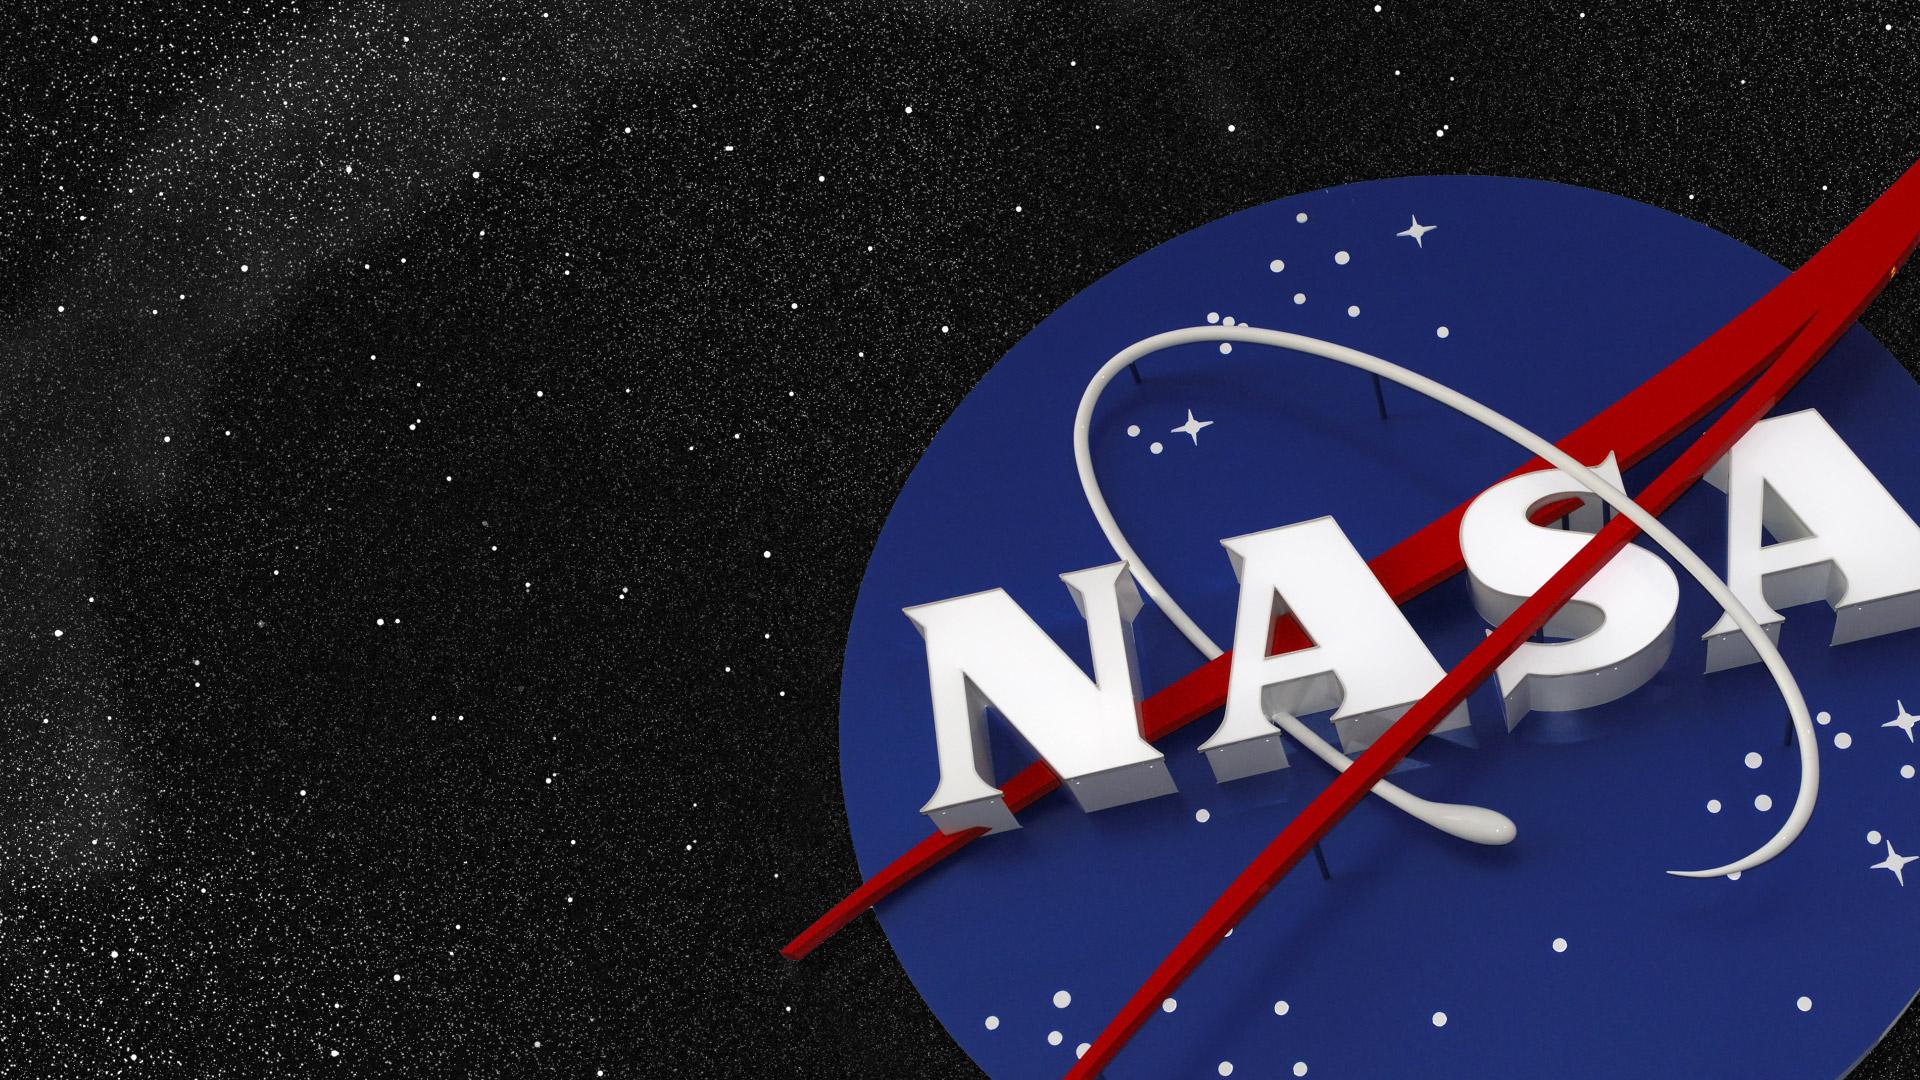 НЛО над Коста-Рикой и Вашингтоном